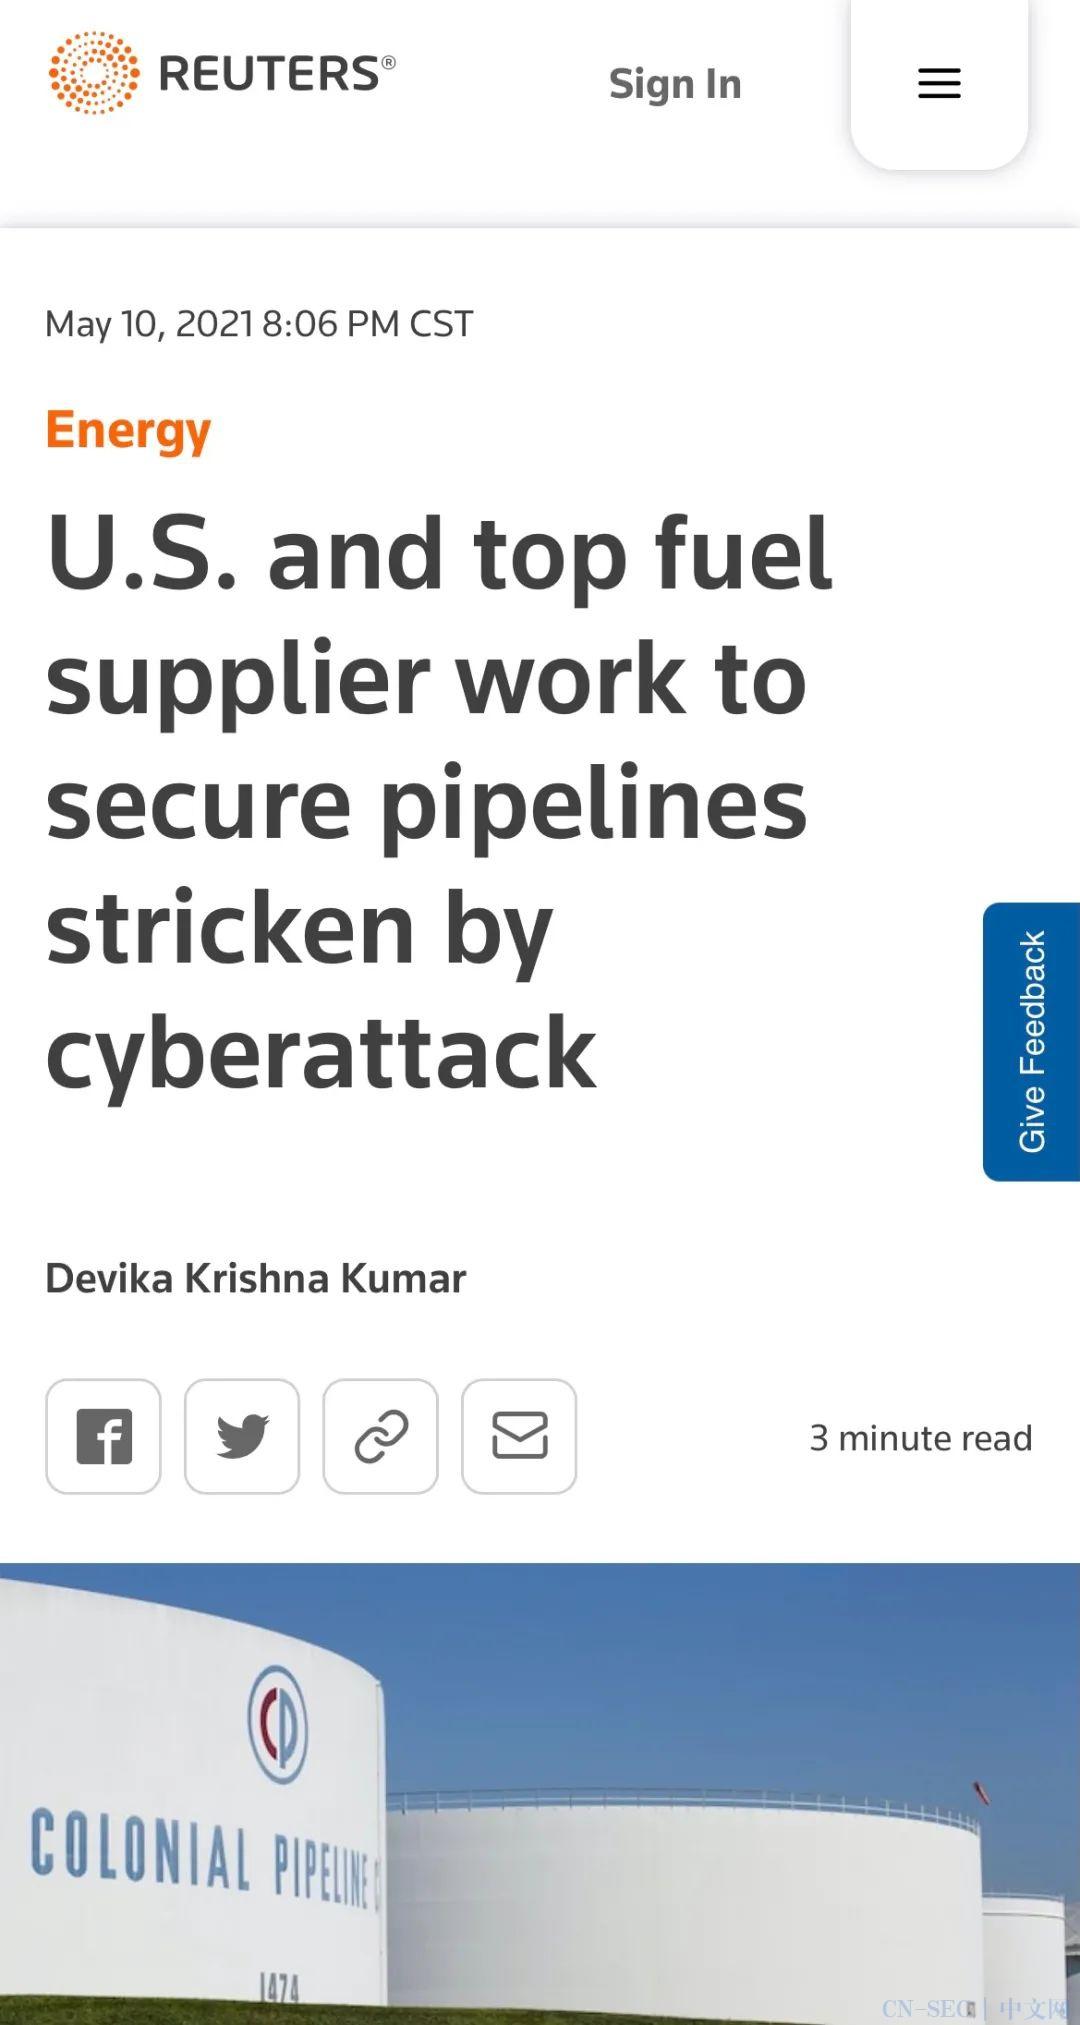 """【安全圈】美国宣布进入国家紧急状态!最大燃油管道被黑客""""掐断"""",惊动拜登"""